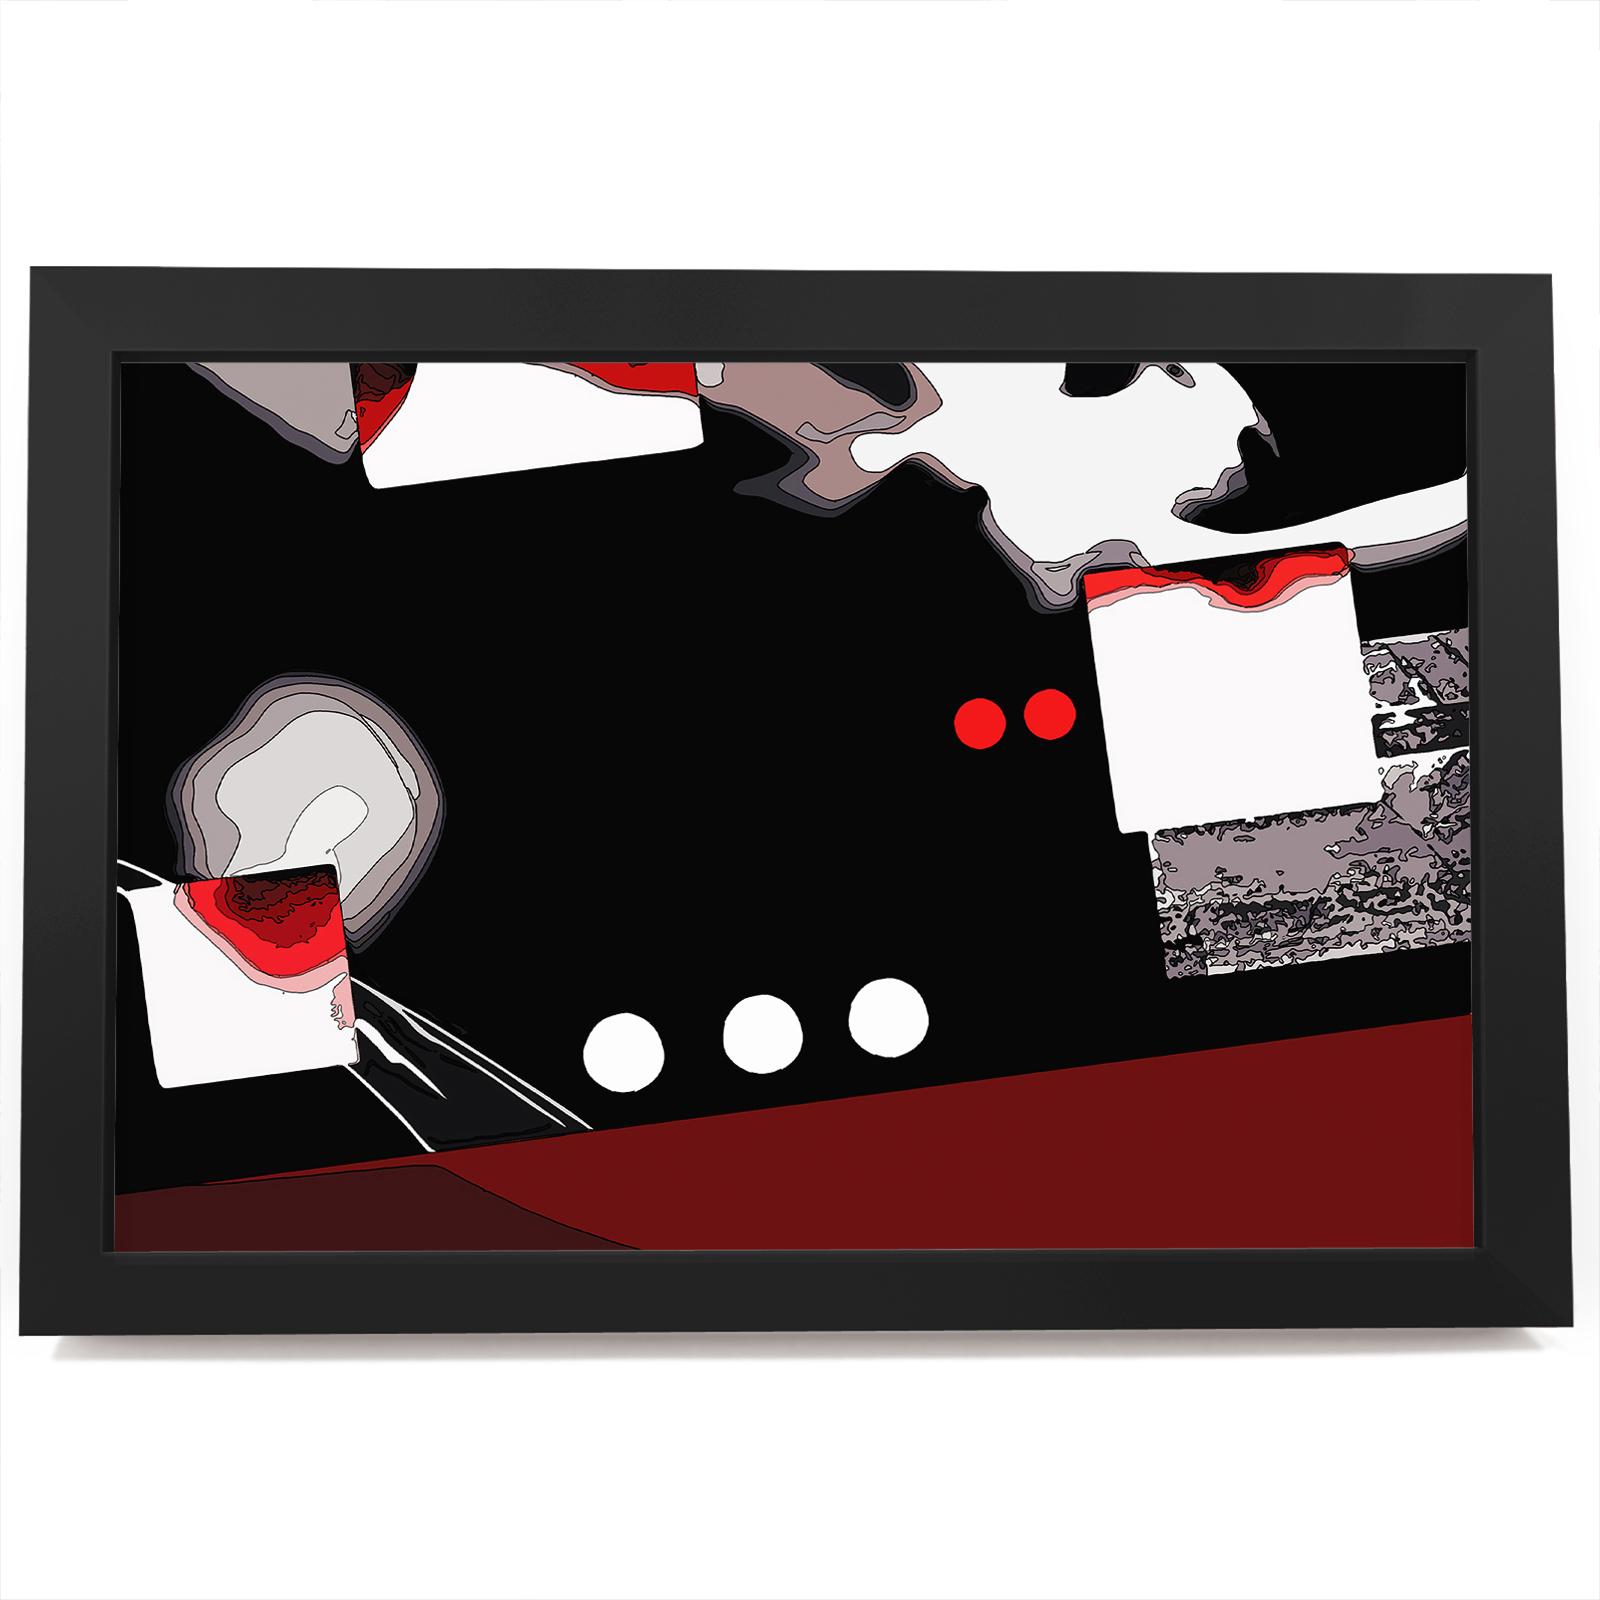 BF1AB593 Rot Schwarz Weiß Grau Modern Abstrakt Gerahmt Wand-Kunst ...